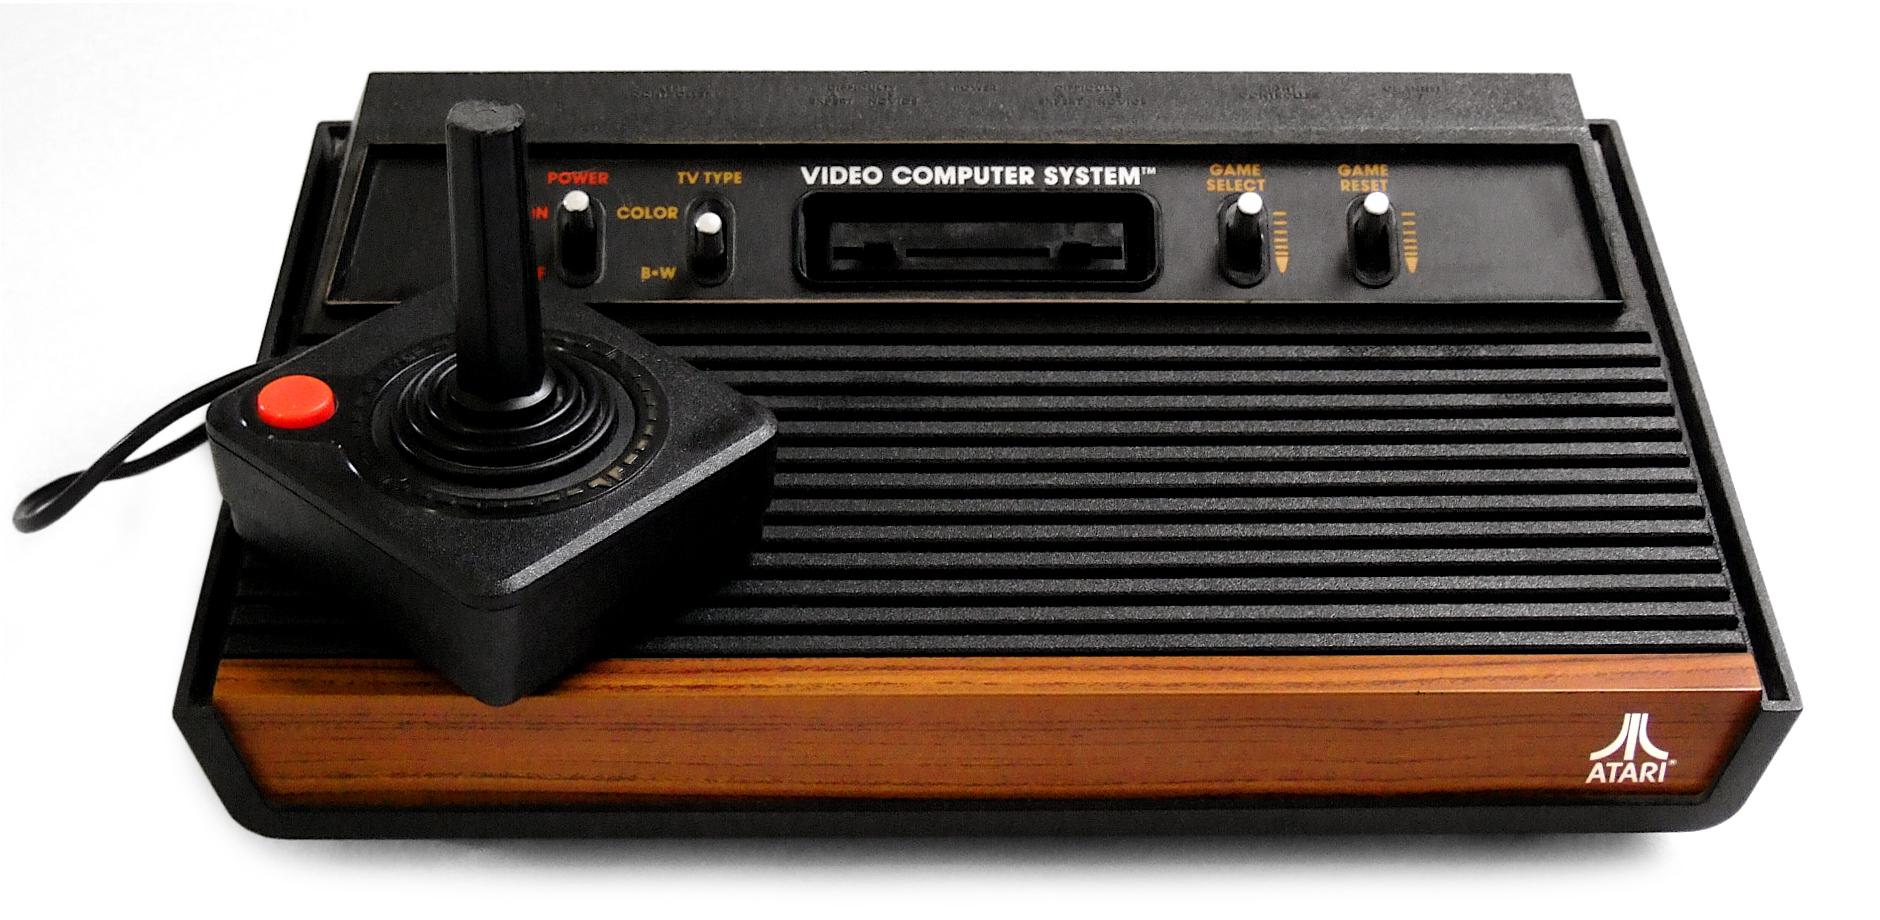 Původní konzole Atari 2600